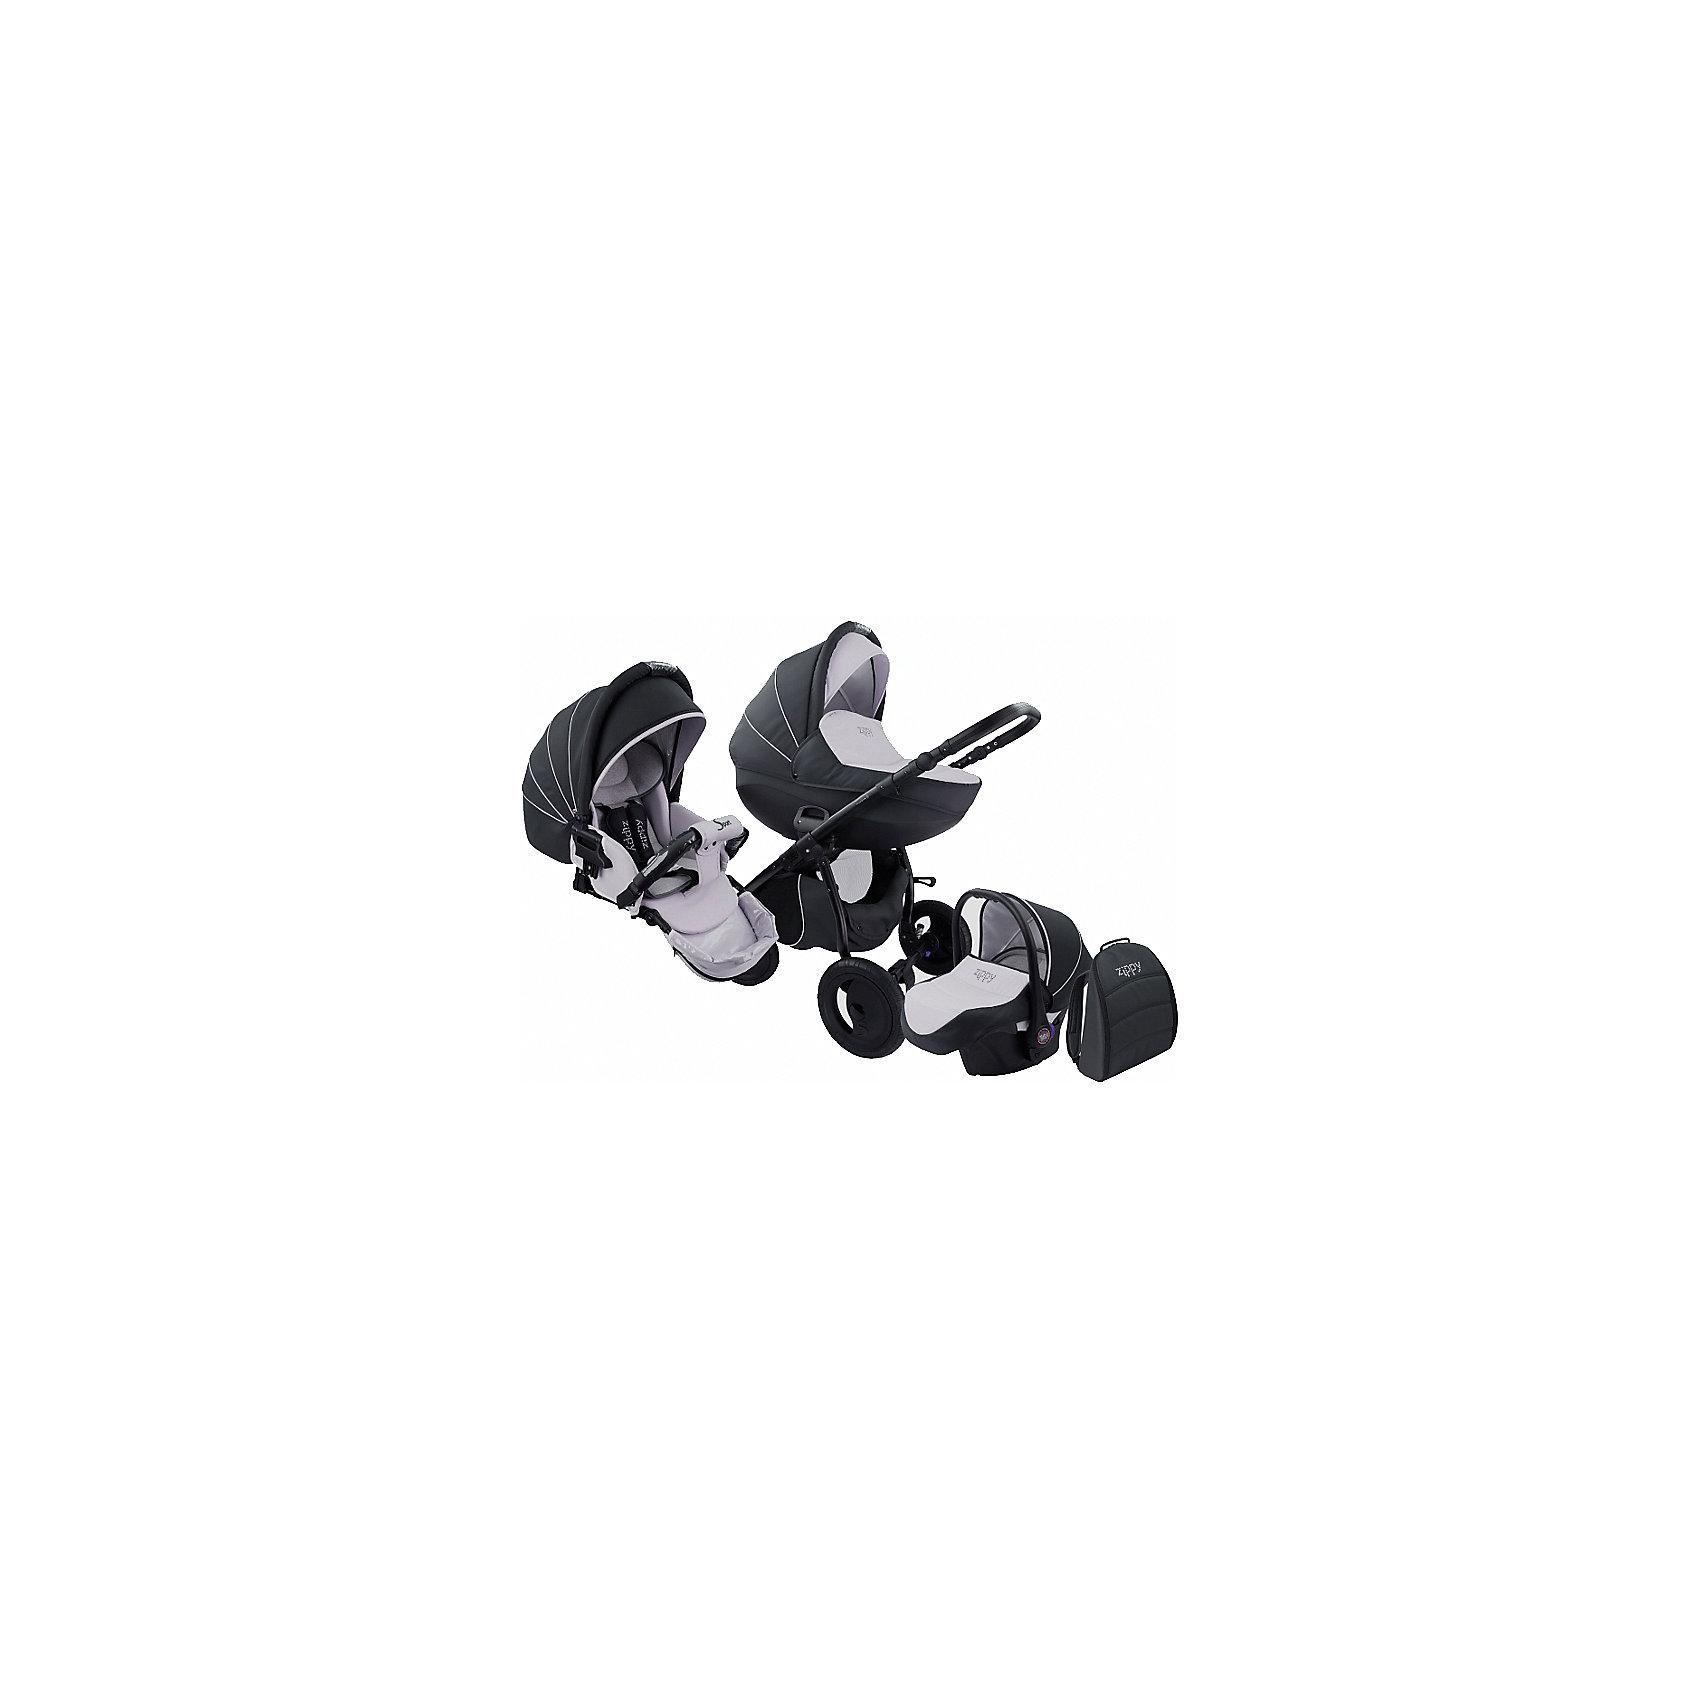 Коляска 3 в 1 Zippy Sport Plus, Tutis, темно-серый/светло-серыйКоляска 3 в 1 Zippy Sport Plus, Tutis, темно-серый/светло-серый<br>Коляска 3 в 1 Zippy Sport Plus, Tutis - это стильная и маневренная, легкая в управлении коляска. Она оборудована просторной прочной пластмассовой люлькой, которая имеет вентиляционные отверстия в нижней части. Внутри люльки - тканевое покрытие, матрасик из кокосового волокна и регулируемый подголовник. Накидка на люльку защищает малыша от ветра и непогоды. Прогулочный блок имеет широкое сидение с регулируемым наклоном спинки вплоть до горизонтального положения, встроенные пятиточечные ремни безопасности, регулируемую подножку с силиконовой накладкой, матрасик-вкладыш, накидку на ножки, съёмный бампер, обтянутый мягкой тканью с силиконовой накладкой. Большой регулируемый капюшон с ручкой для переноски имеет вентилируемую вставку под молнией. В капюшоне прогулочного блока предусмотрена встроенная силиконовая вставка. Высоту ручки для мамы можно отрегулировать. Предусмотрена вместительная корзина для покупок и сумка для мамы в виде рюкзака. Коляска имеет надувные колеса, передние - поворотные с блокировкой, задние - с ножными тормозами. Шасси выполнено из алюминия, легко и компактно складывается. Автомобильное кресло отвечает всем европейским стандартам, крепится в автомобиле штатным ремнем безопасности, против хода движения. Имеет трёхточечный ремень безопасности, анатомический вкладыш, съемный солнцезащитный козырек, накидку-чехол, нескользящую ручку.<br><br>Дополнительная информация:<br><br>- Комплектация: люлька, прогулочный блок, автокресло, шасси, матрас для люльки, чехол на ноги (для люльки, прогулочного блока, автокресла), москитная сетка, дождевик, рюкзак для мамы, корзина для покупок, матрас-вкладыш для прогулочного блока и автокресла<br>- Функция качания (когда люлька лежит на полу)<br>- Регулируемая амортизация шасси<br>- Размеры: прогулочный блок 95х39х24 см. внутренний размер люльки 34х76 см., внутренний размер автокресла 32х74